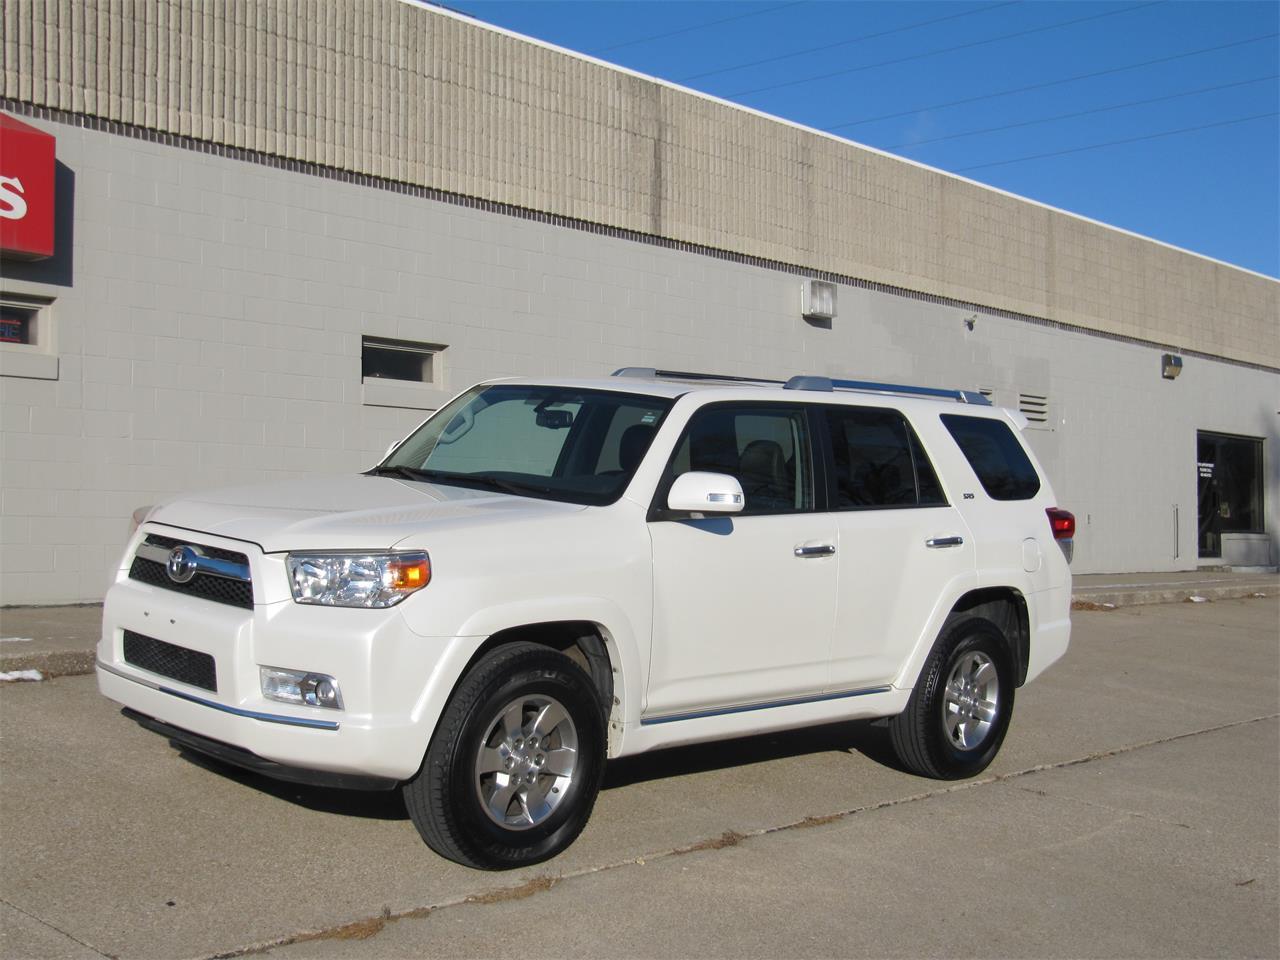 2010 4runner For Sale >> For Sale 2010 Toyota 4runner In Omaha Nebraska